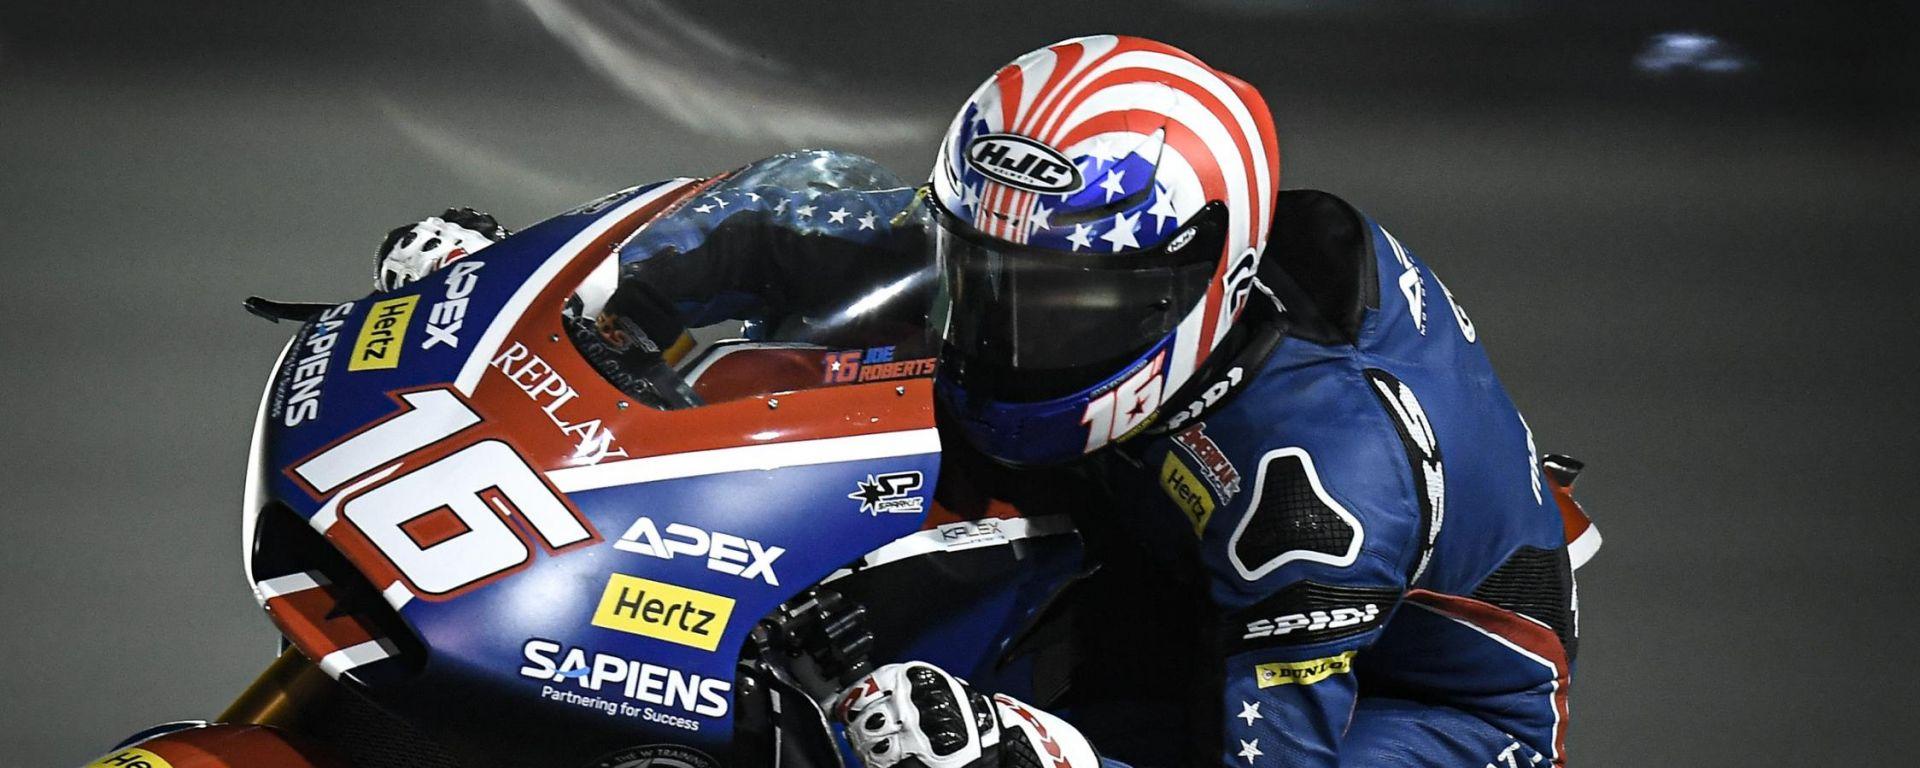 Moto2, GP Qatar 2020, Losail: Joe Roberts (Kalex)